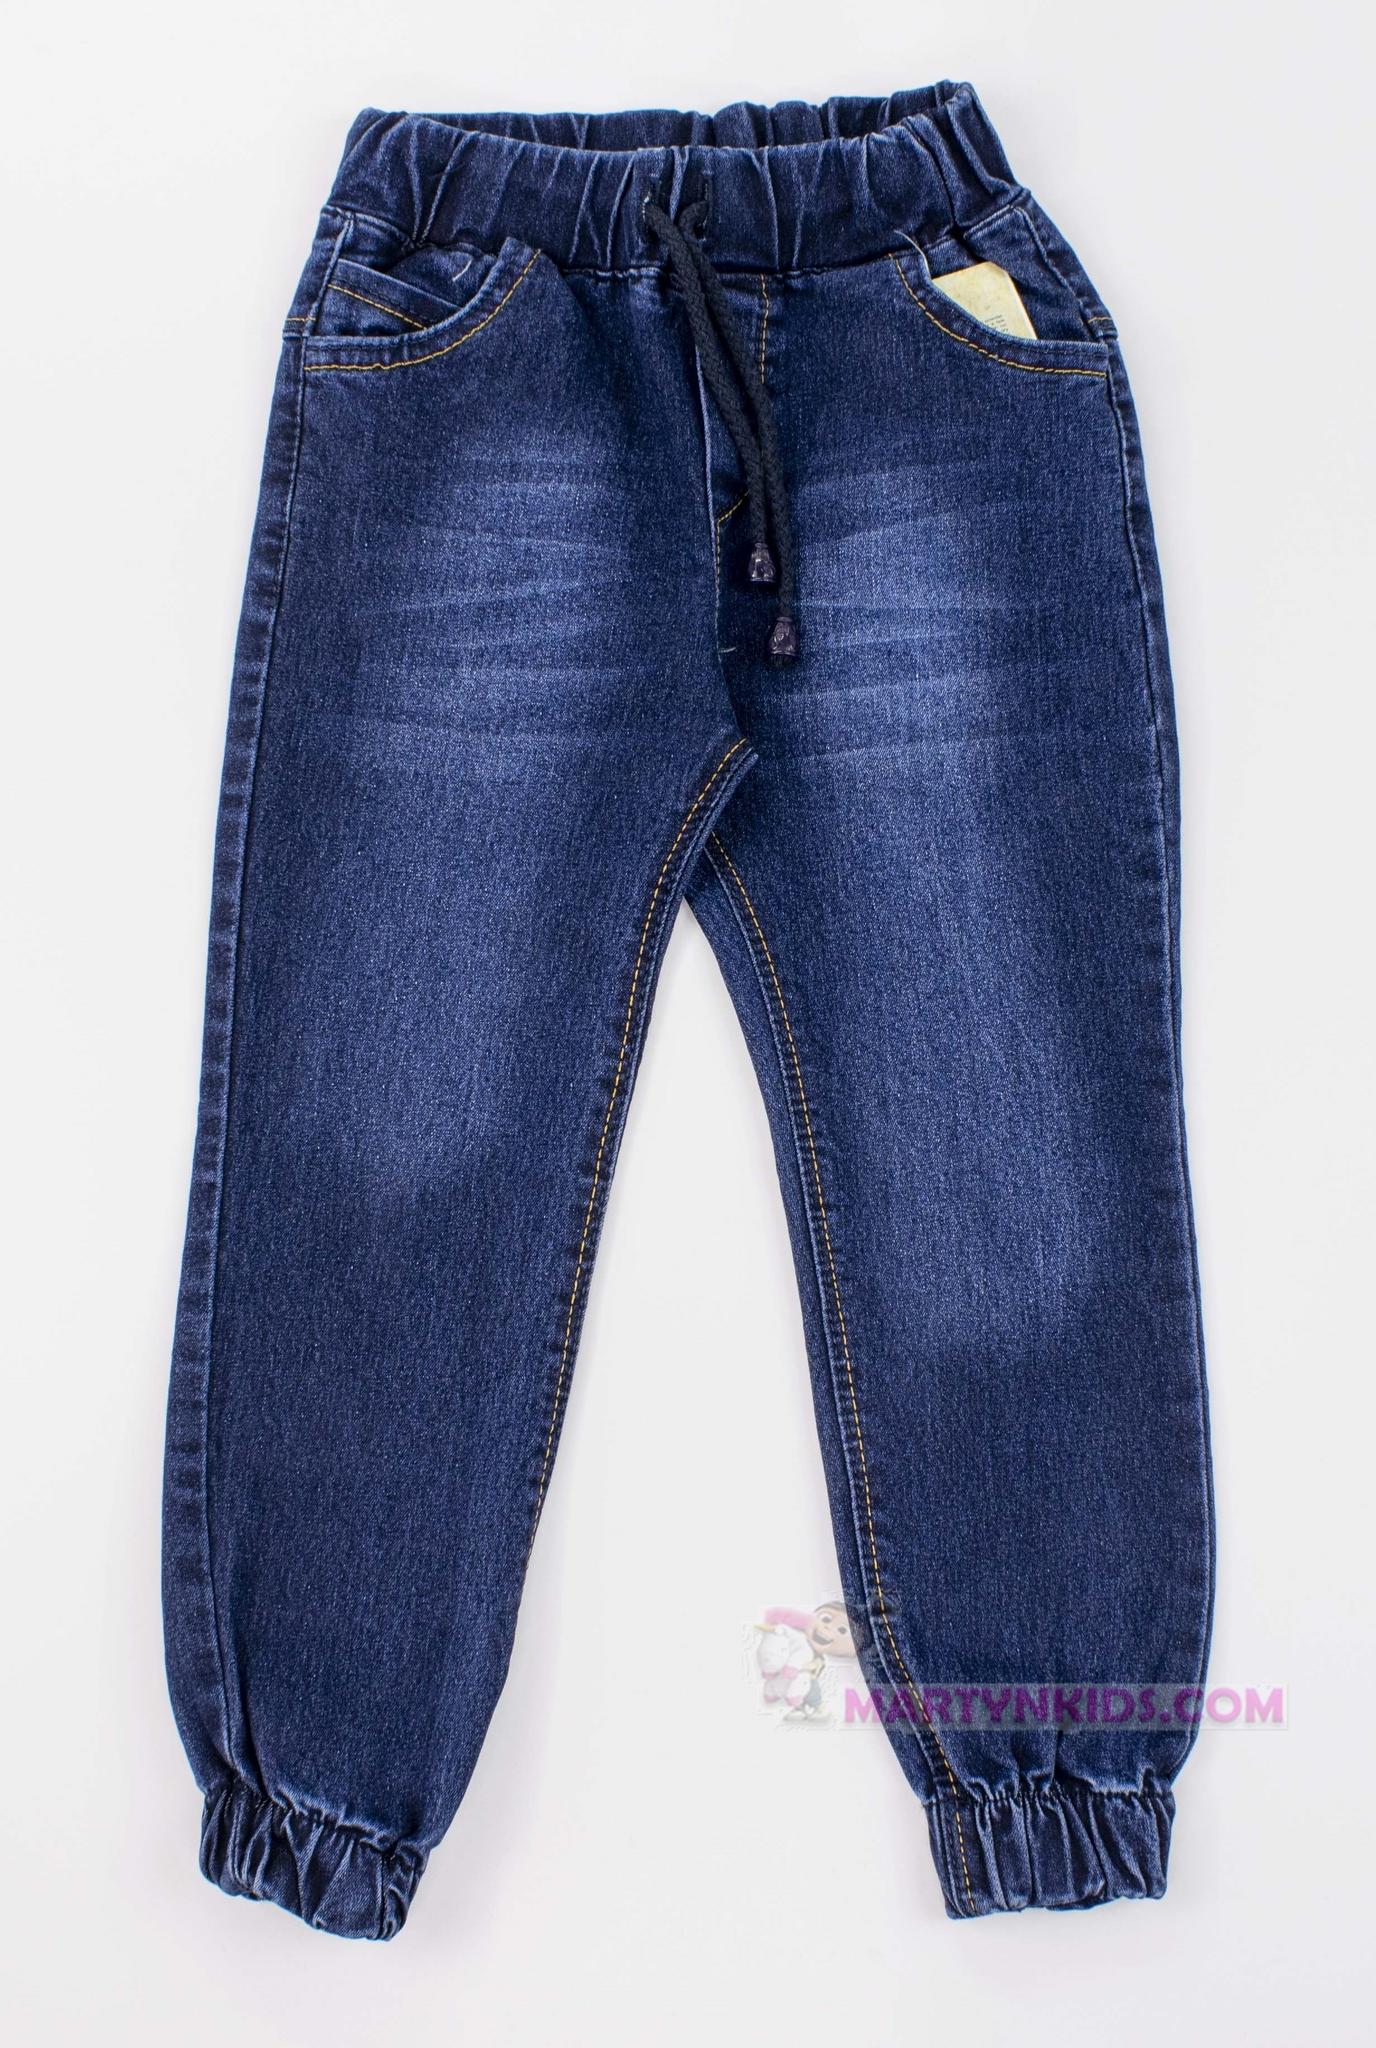 3384 джинсы-джогеры Классик  стрейч